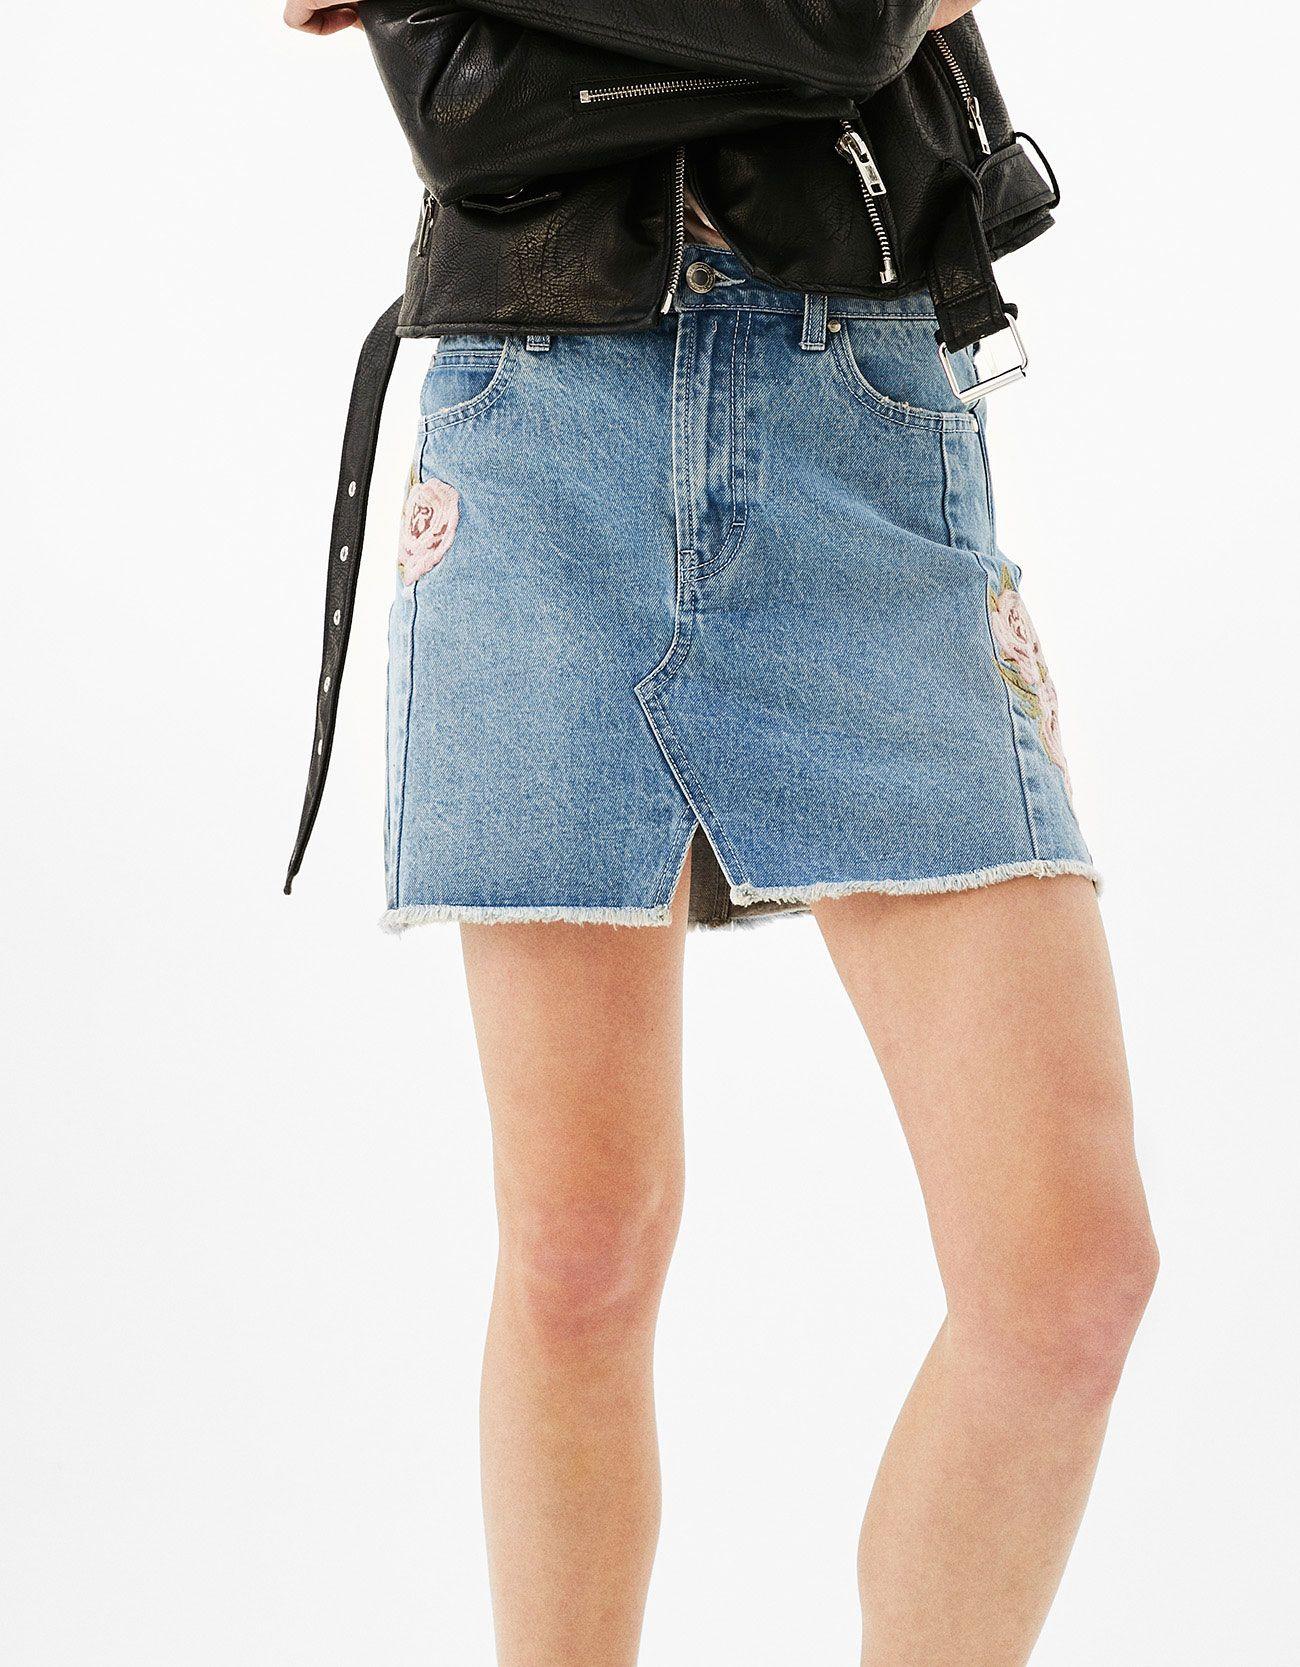 Falda bordado rosa violet. Descubre ésta y muchas otras prendas en Bershka  con nuevos productos cada semana 78f42776f3e3